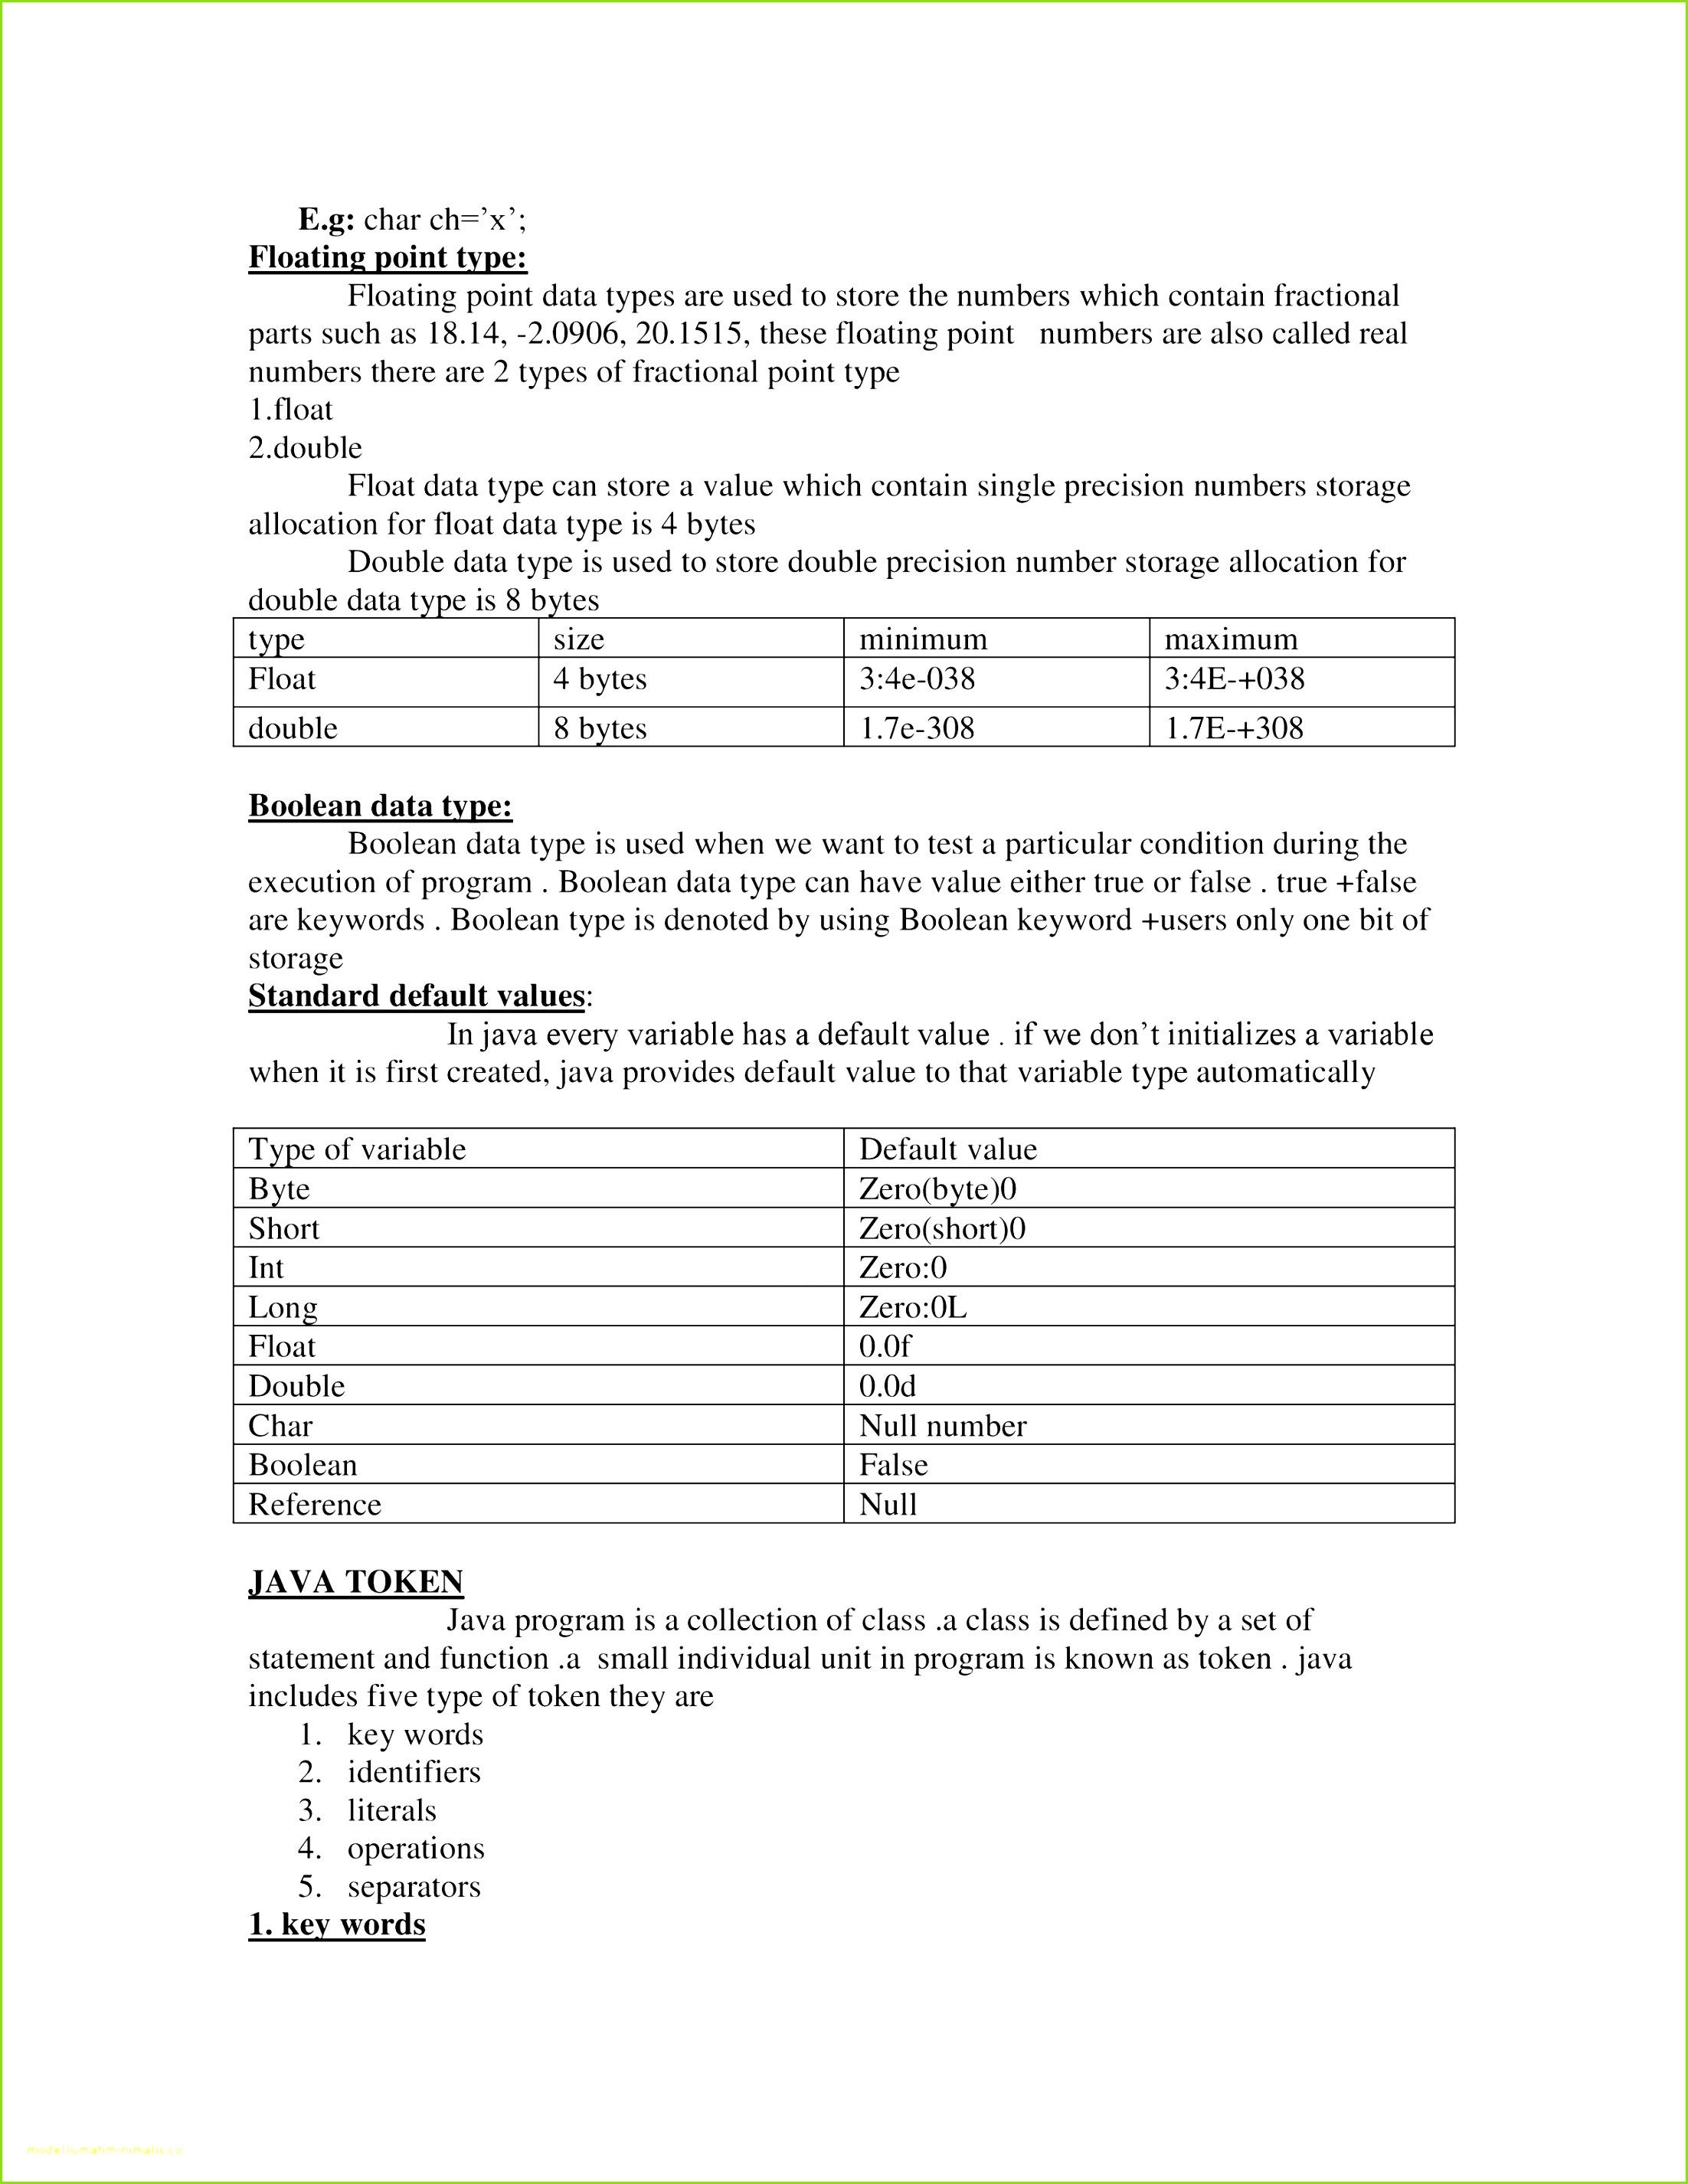 47 Neueste Modelle Von Trainingsplan Erstellen Vorlage Von medikamentenplan excel